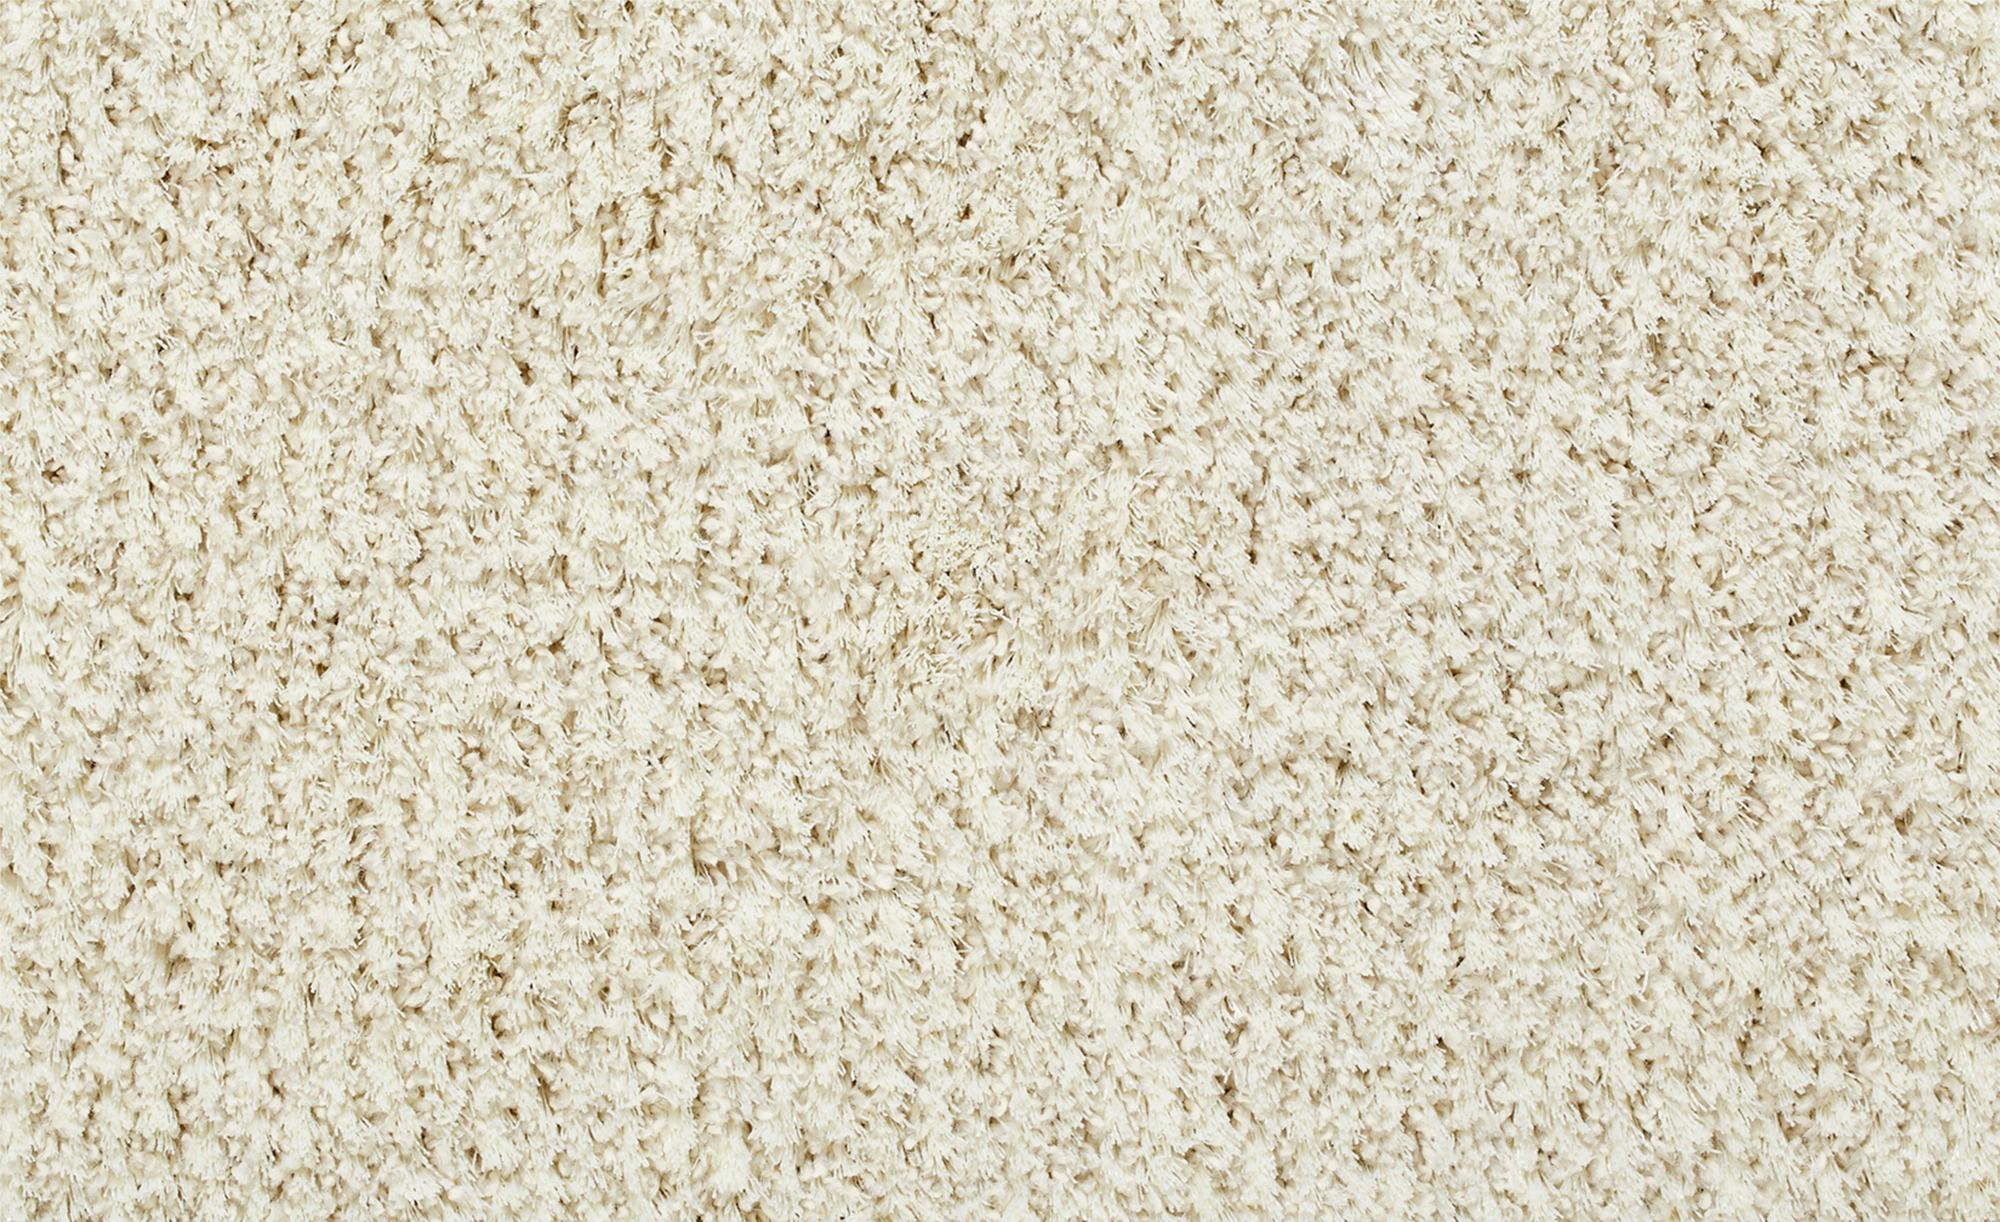 Webteppich  Cavour ¦ 60% Polyester / 40% Polypropylen  ¦ Maße (cm): B: 120 Teppiche > Wohnteppiche - Höffner